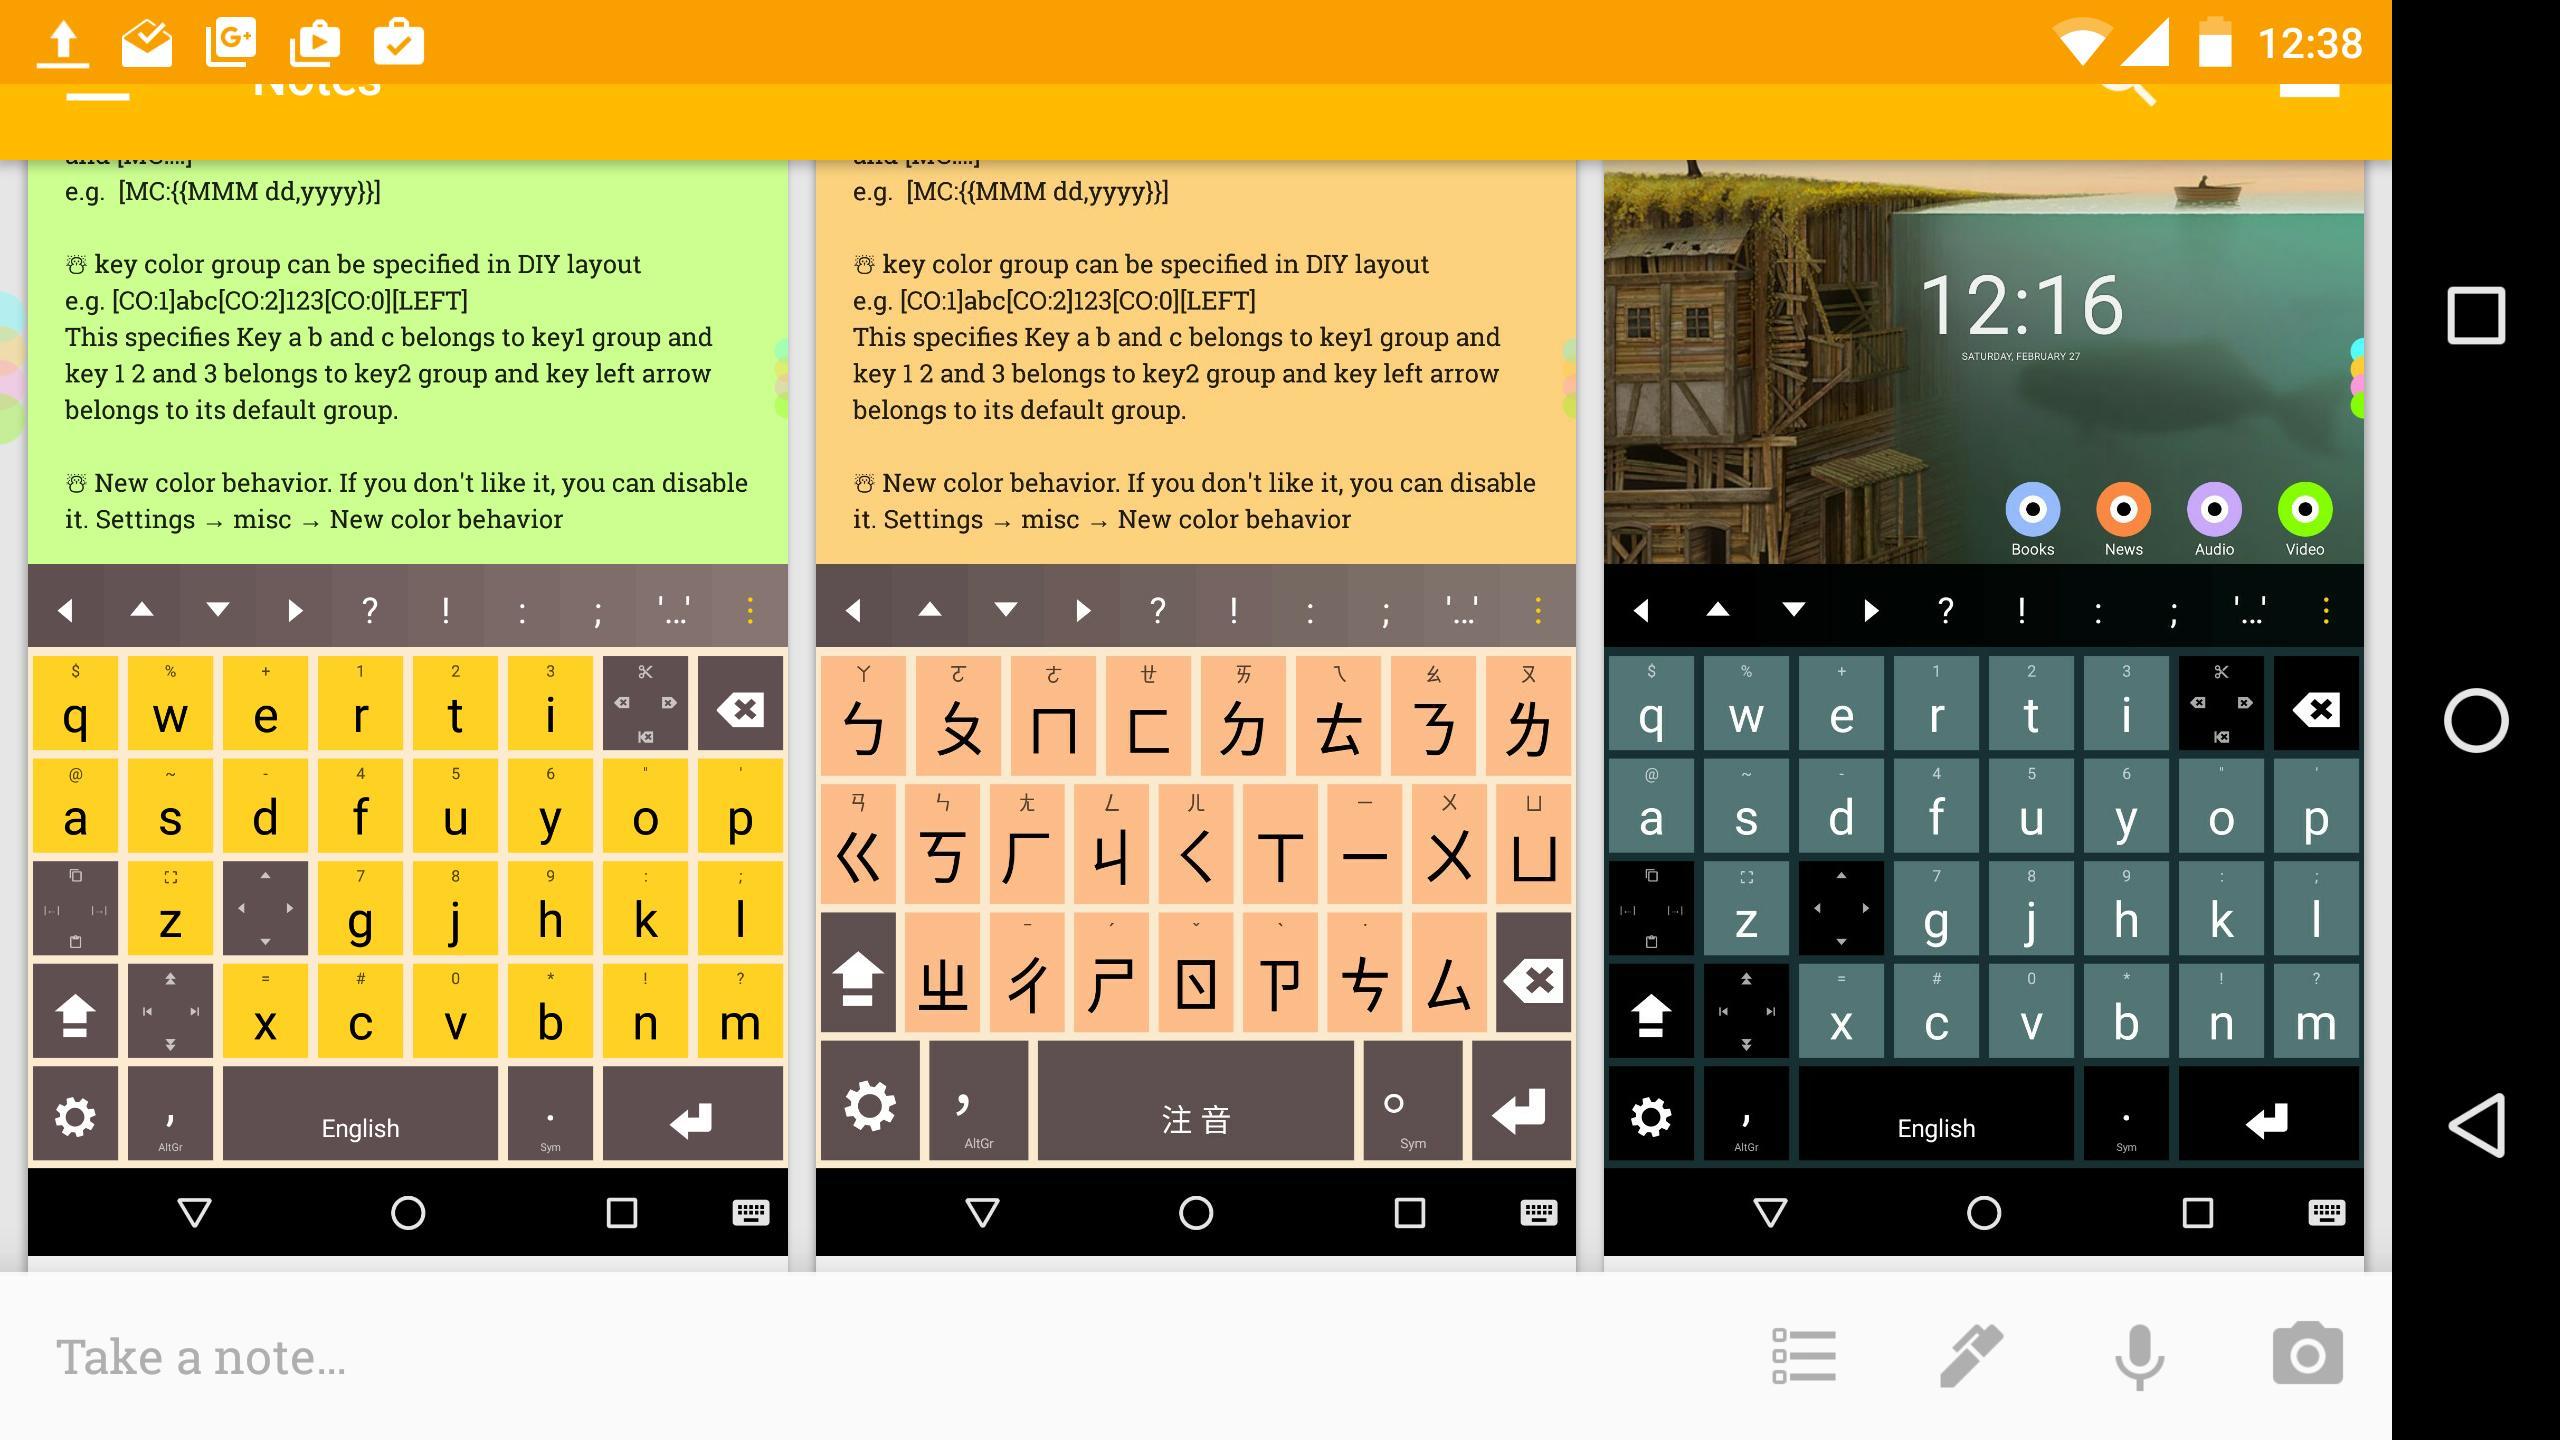 Multiling-O-Keyboard